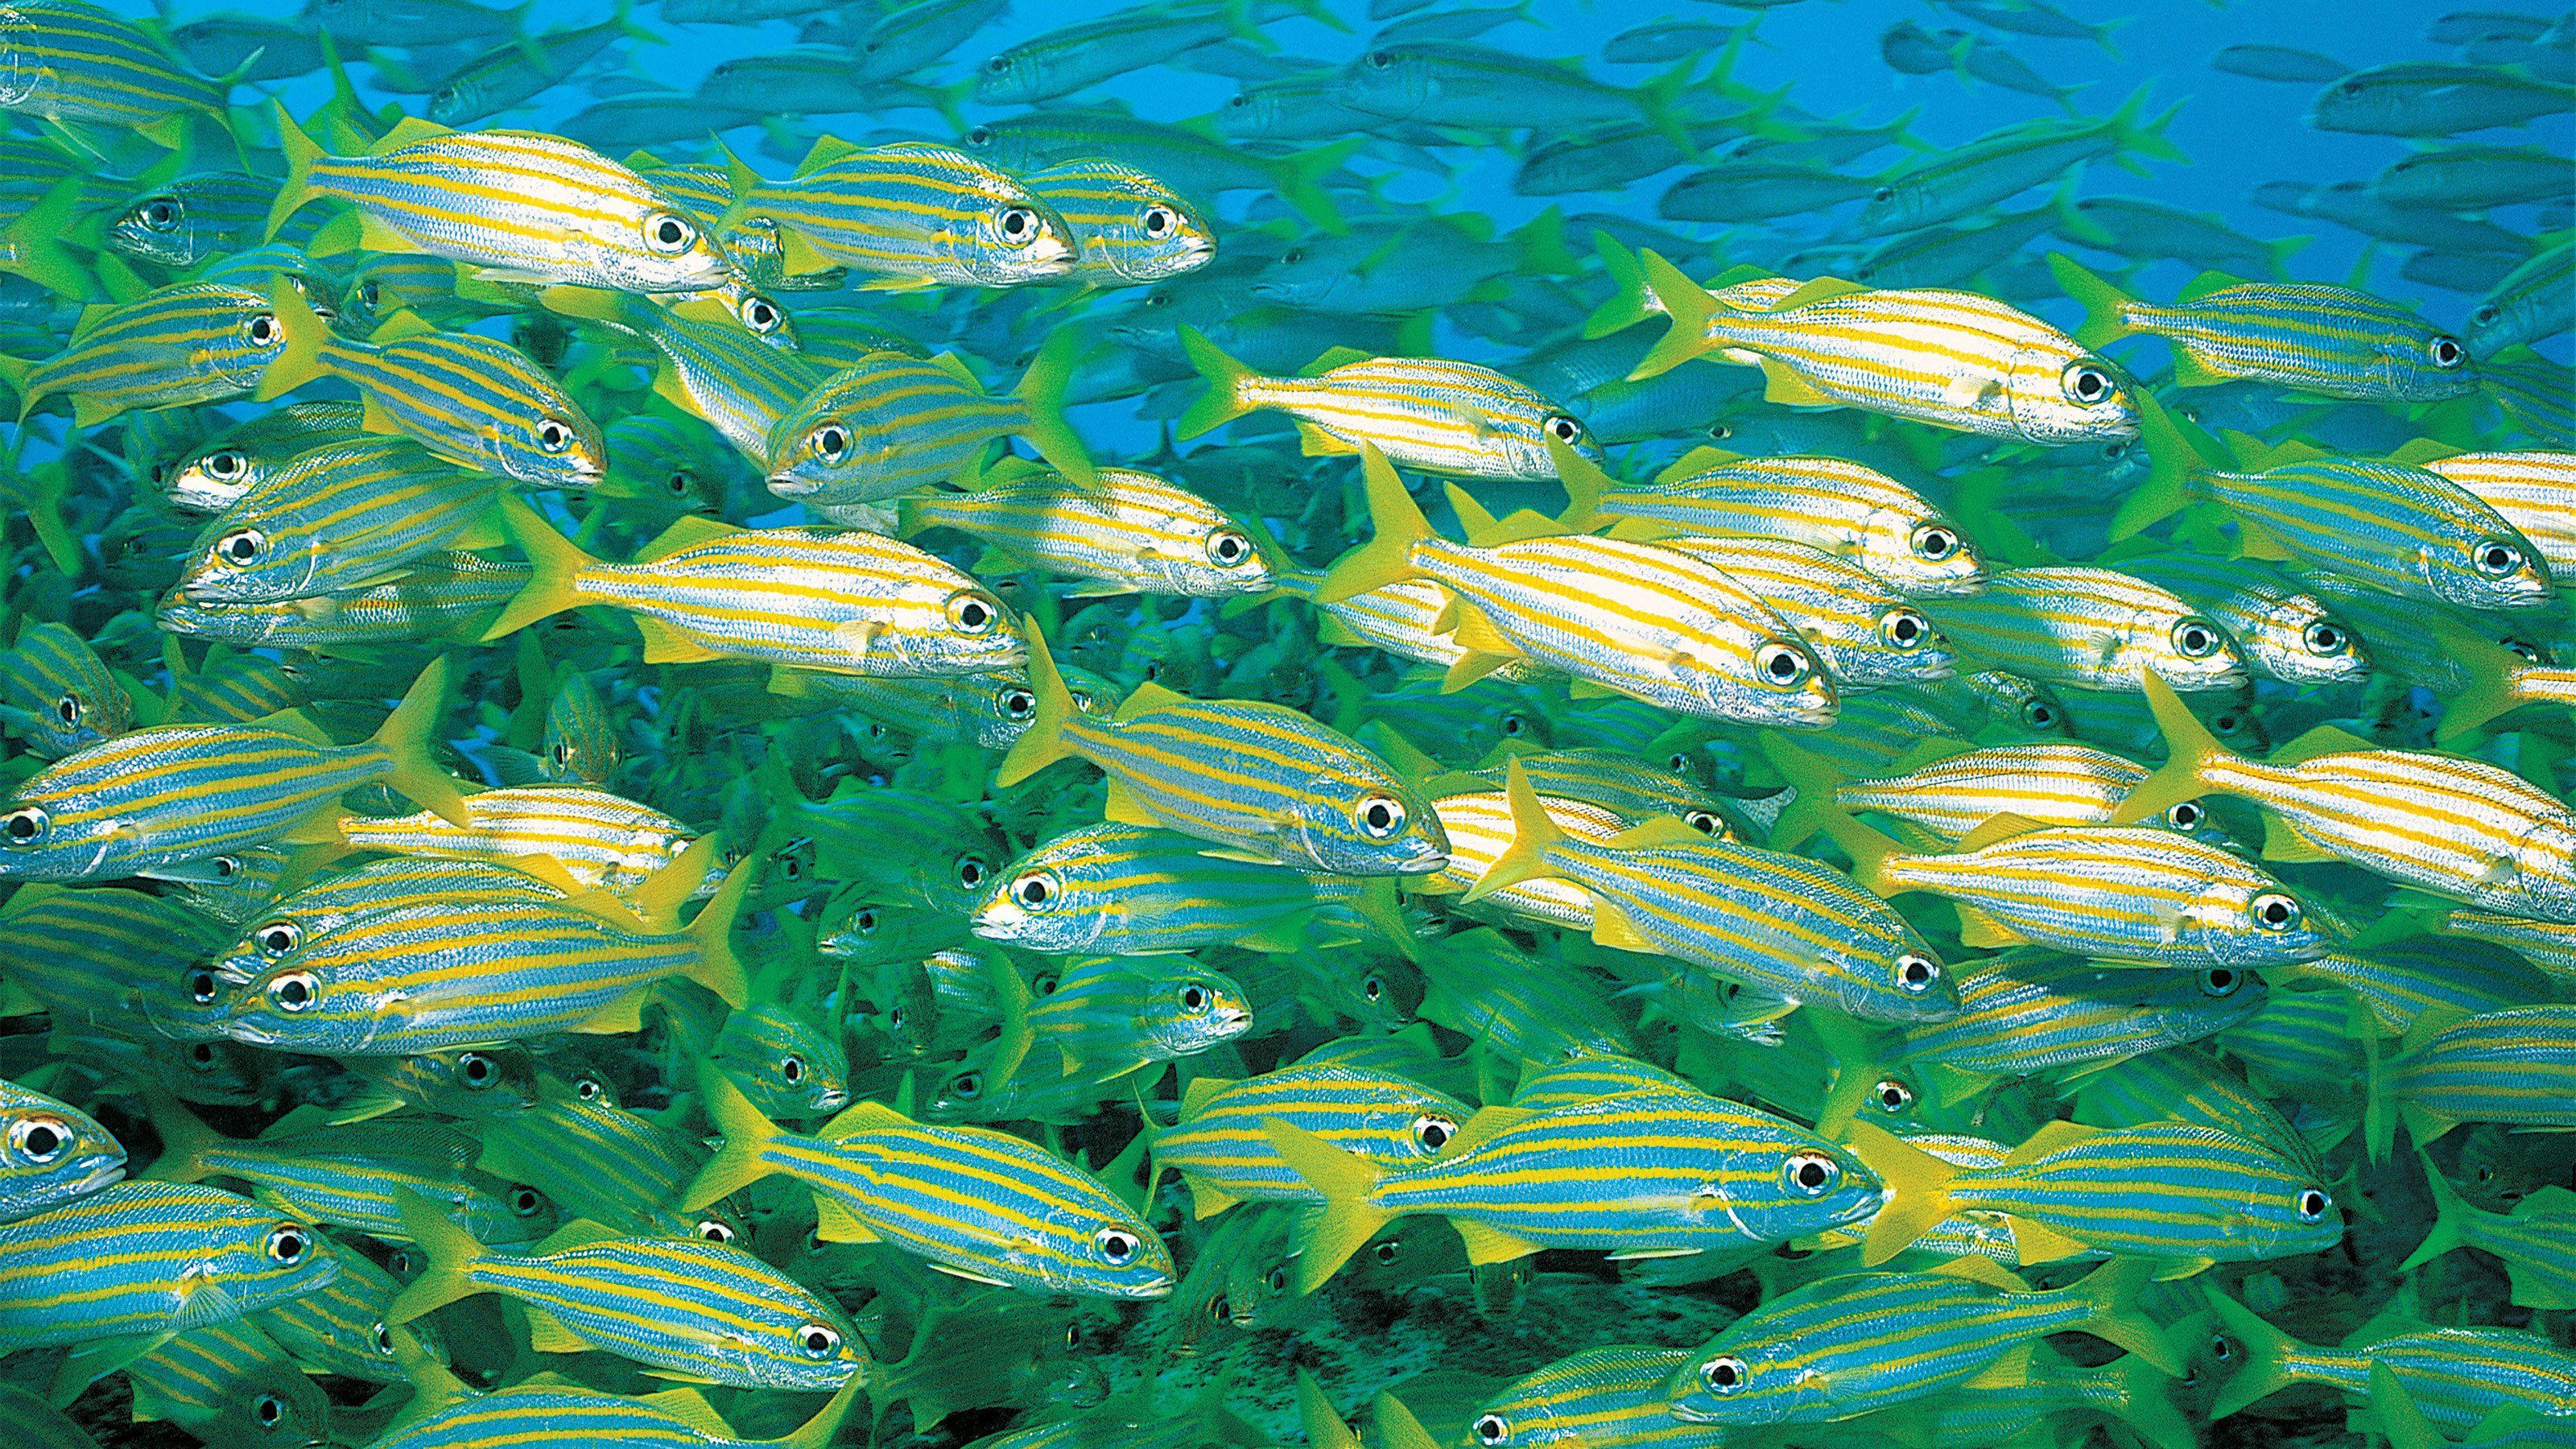 schools of white striped fish